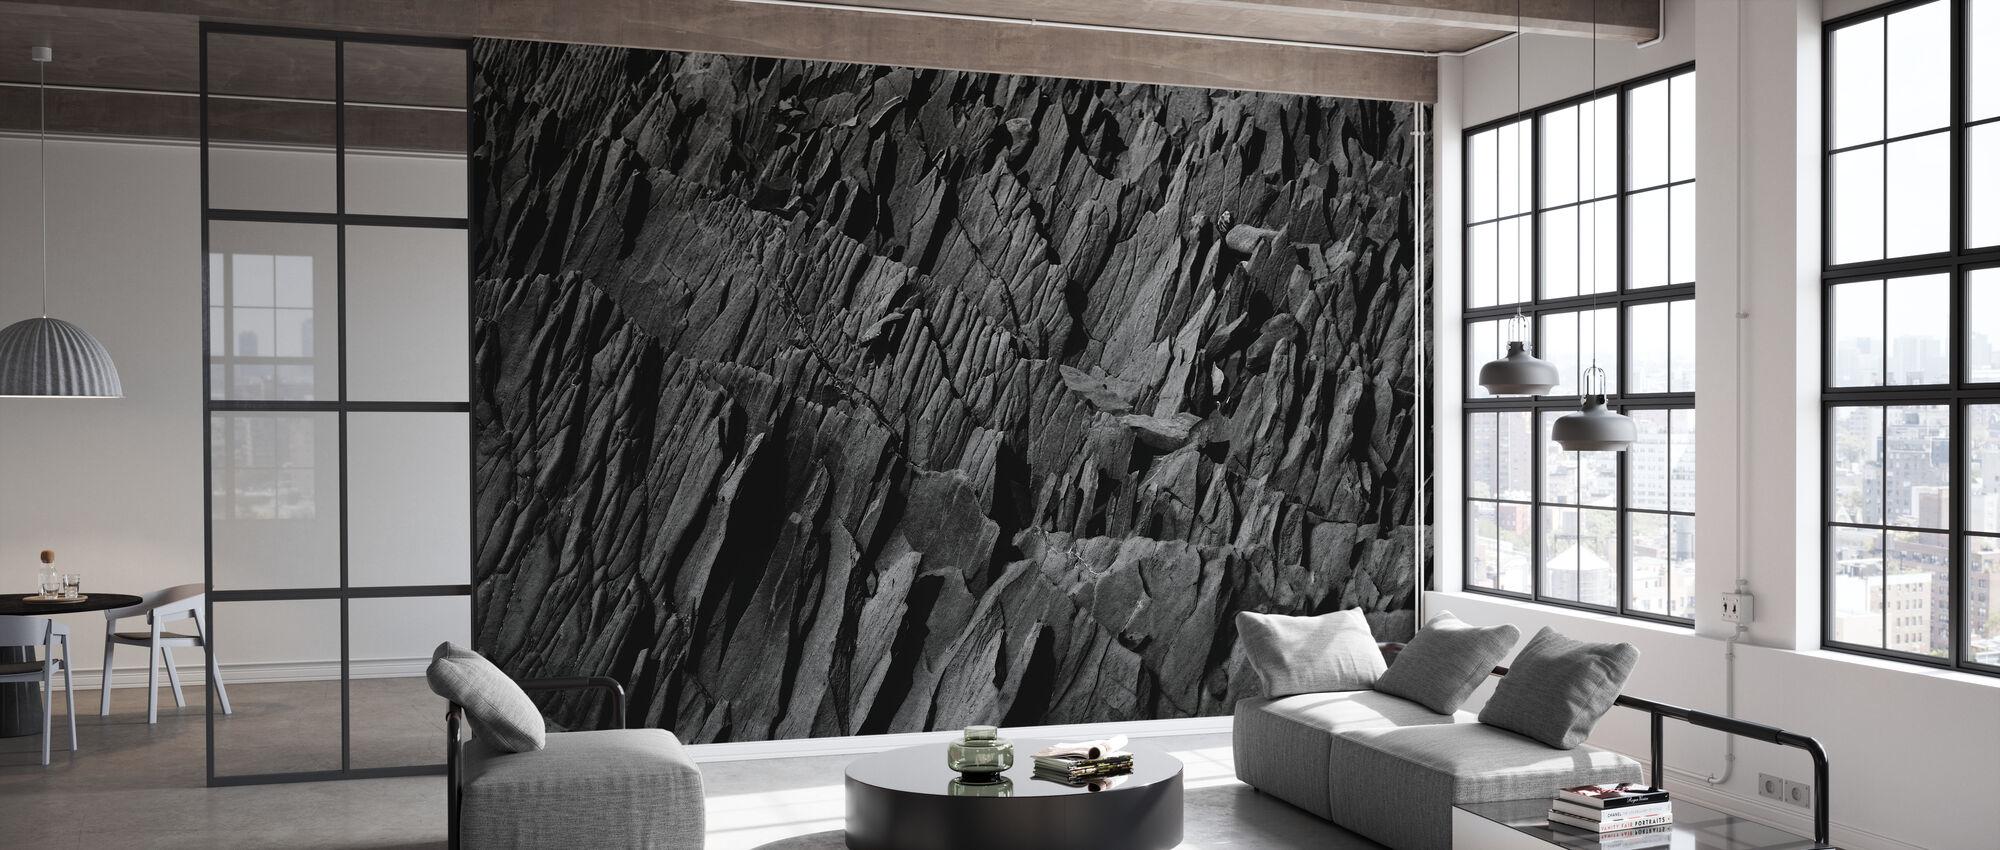 Chisel Rock - Wallpaper - Office